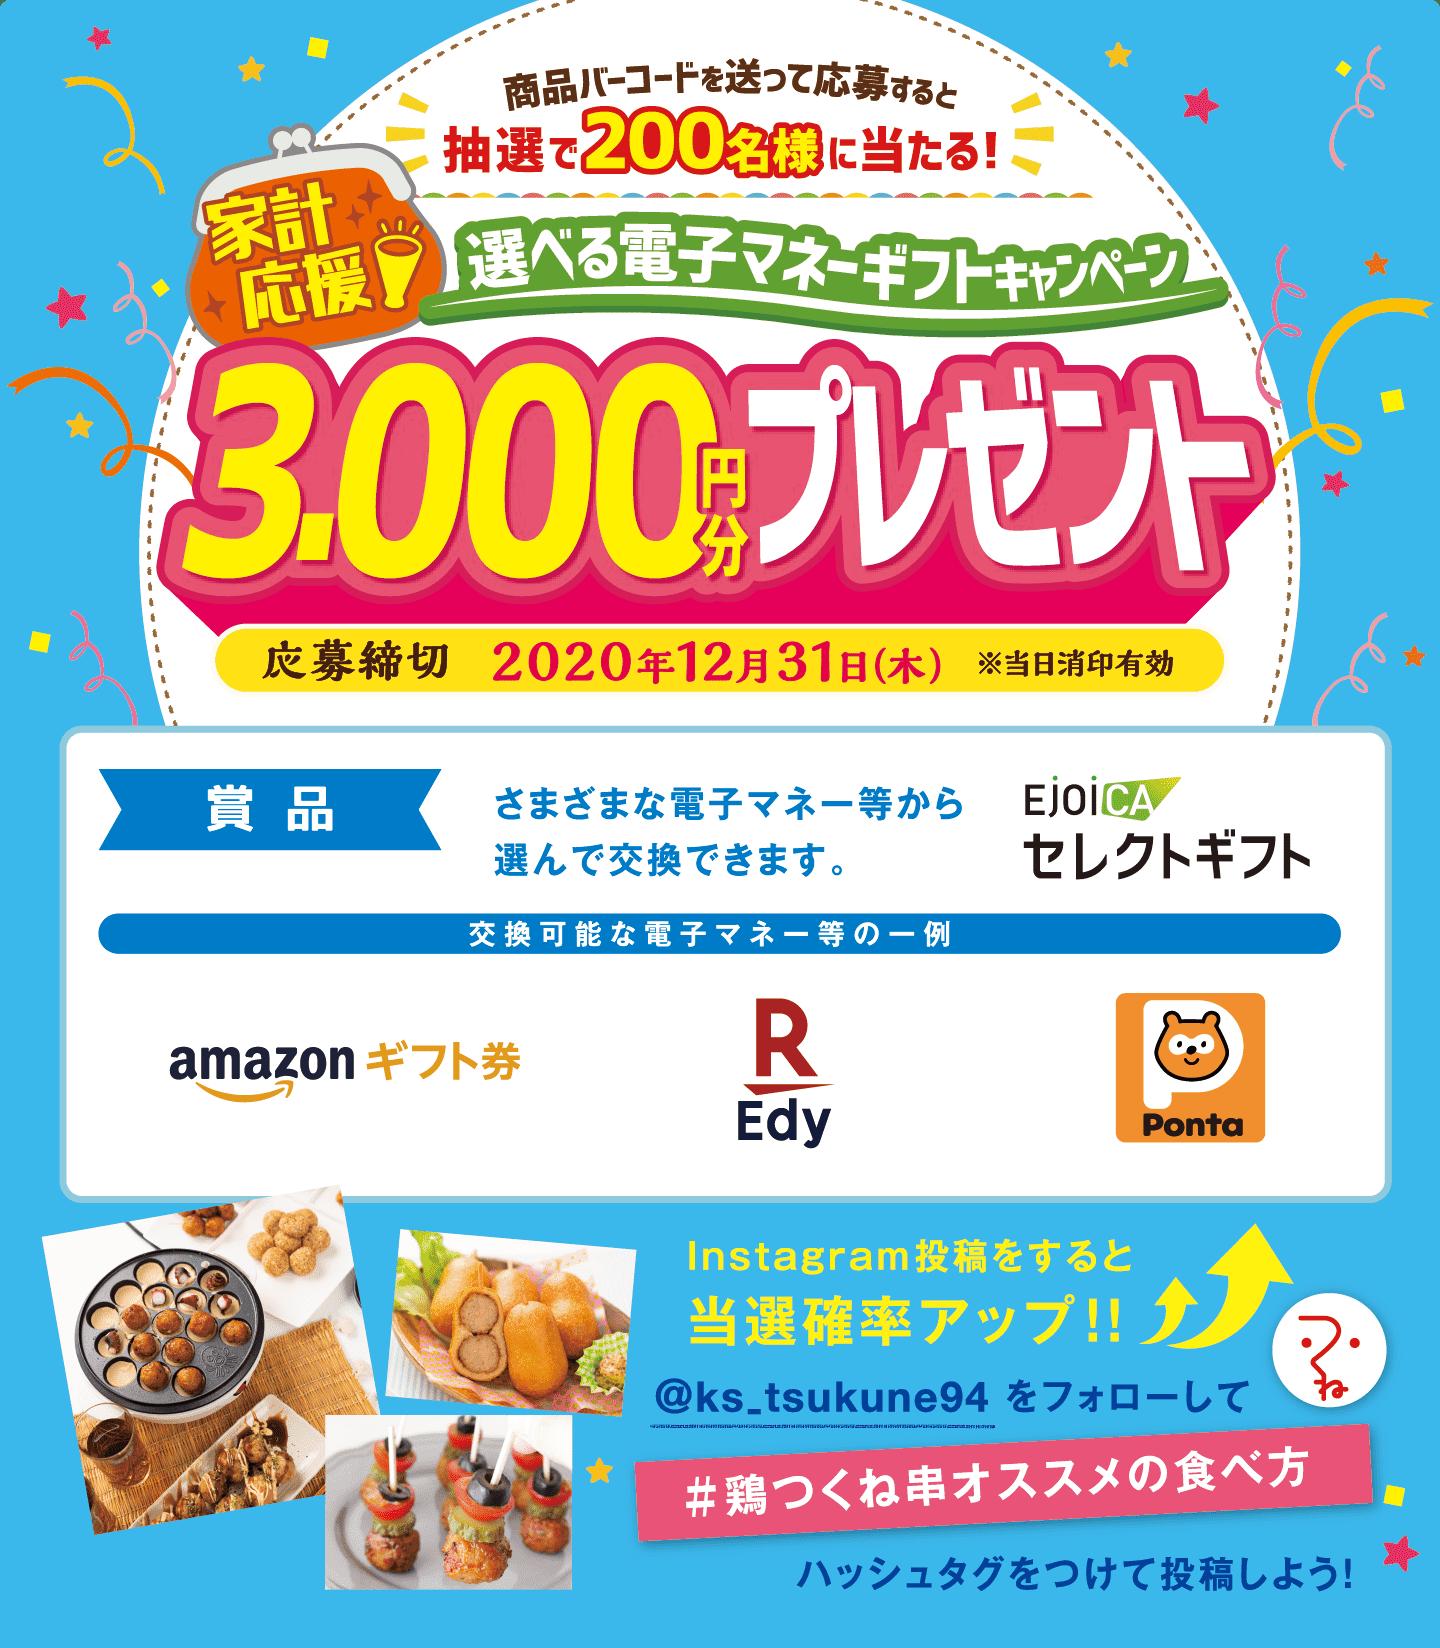 国産鶏つくね串シリーズで「家計応援!選べる電子マネーギフトキャンペーン」(10月~12月、ケイエス冷凍食品)